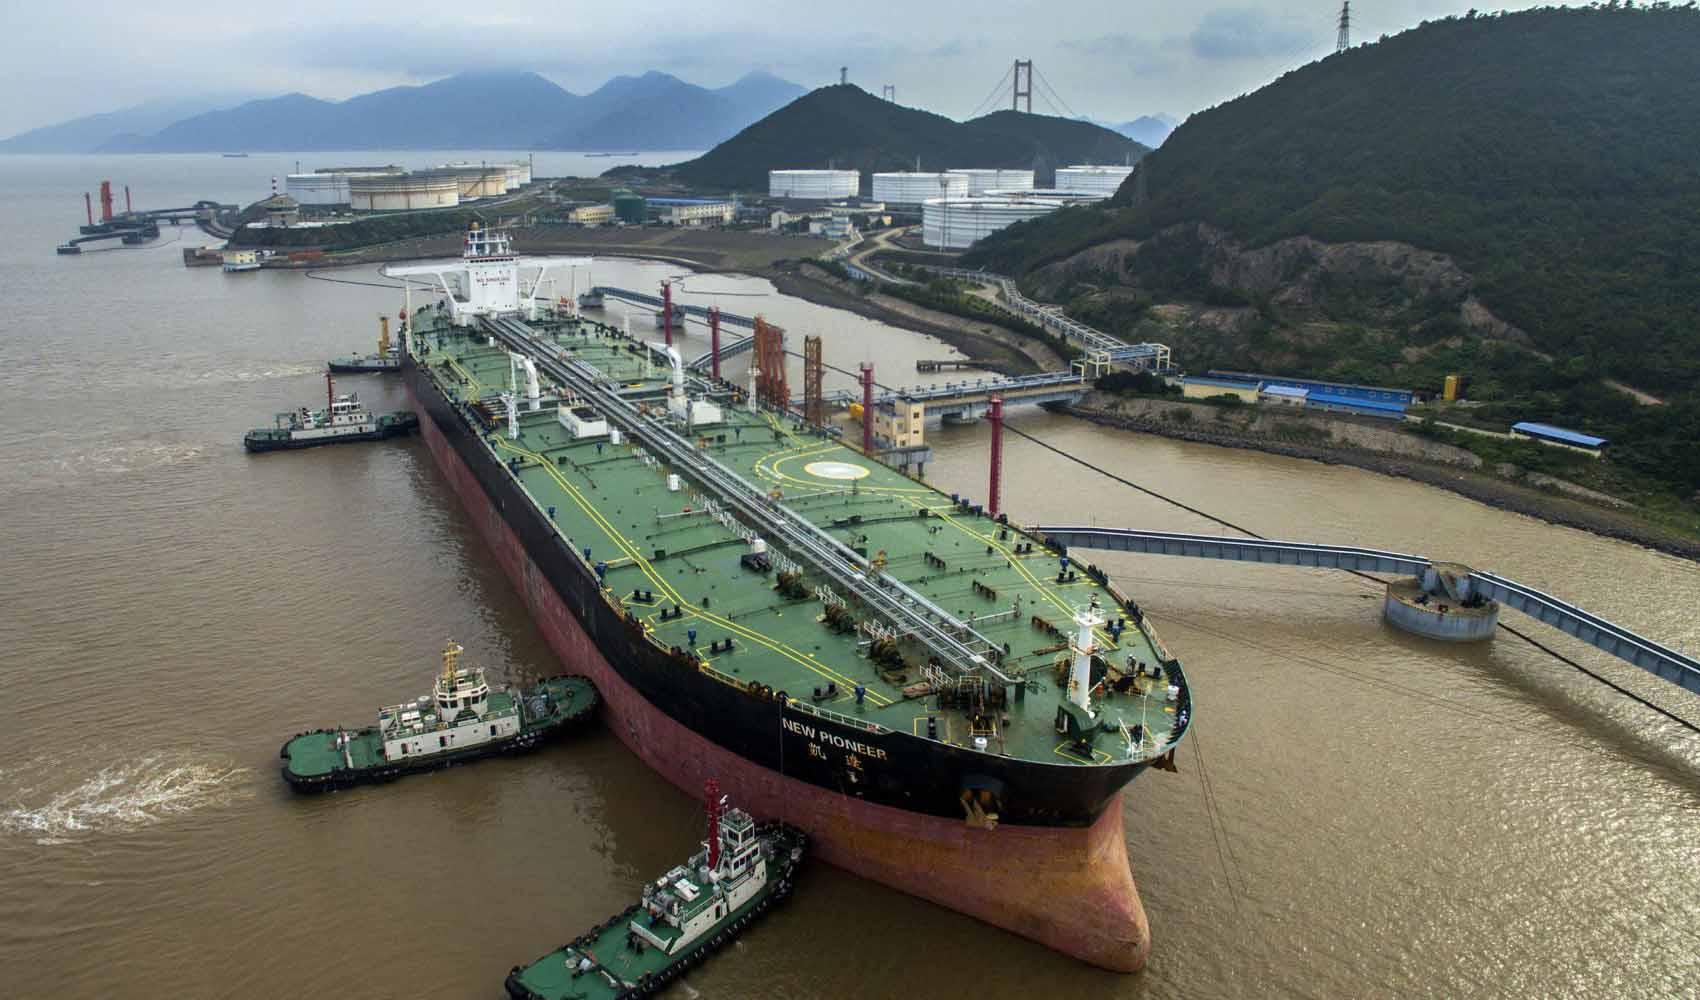 ادامه ترافیک و ازدحام در پایانههای نفتی چین